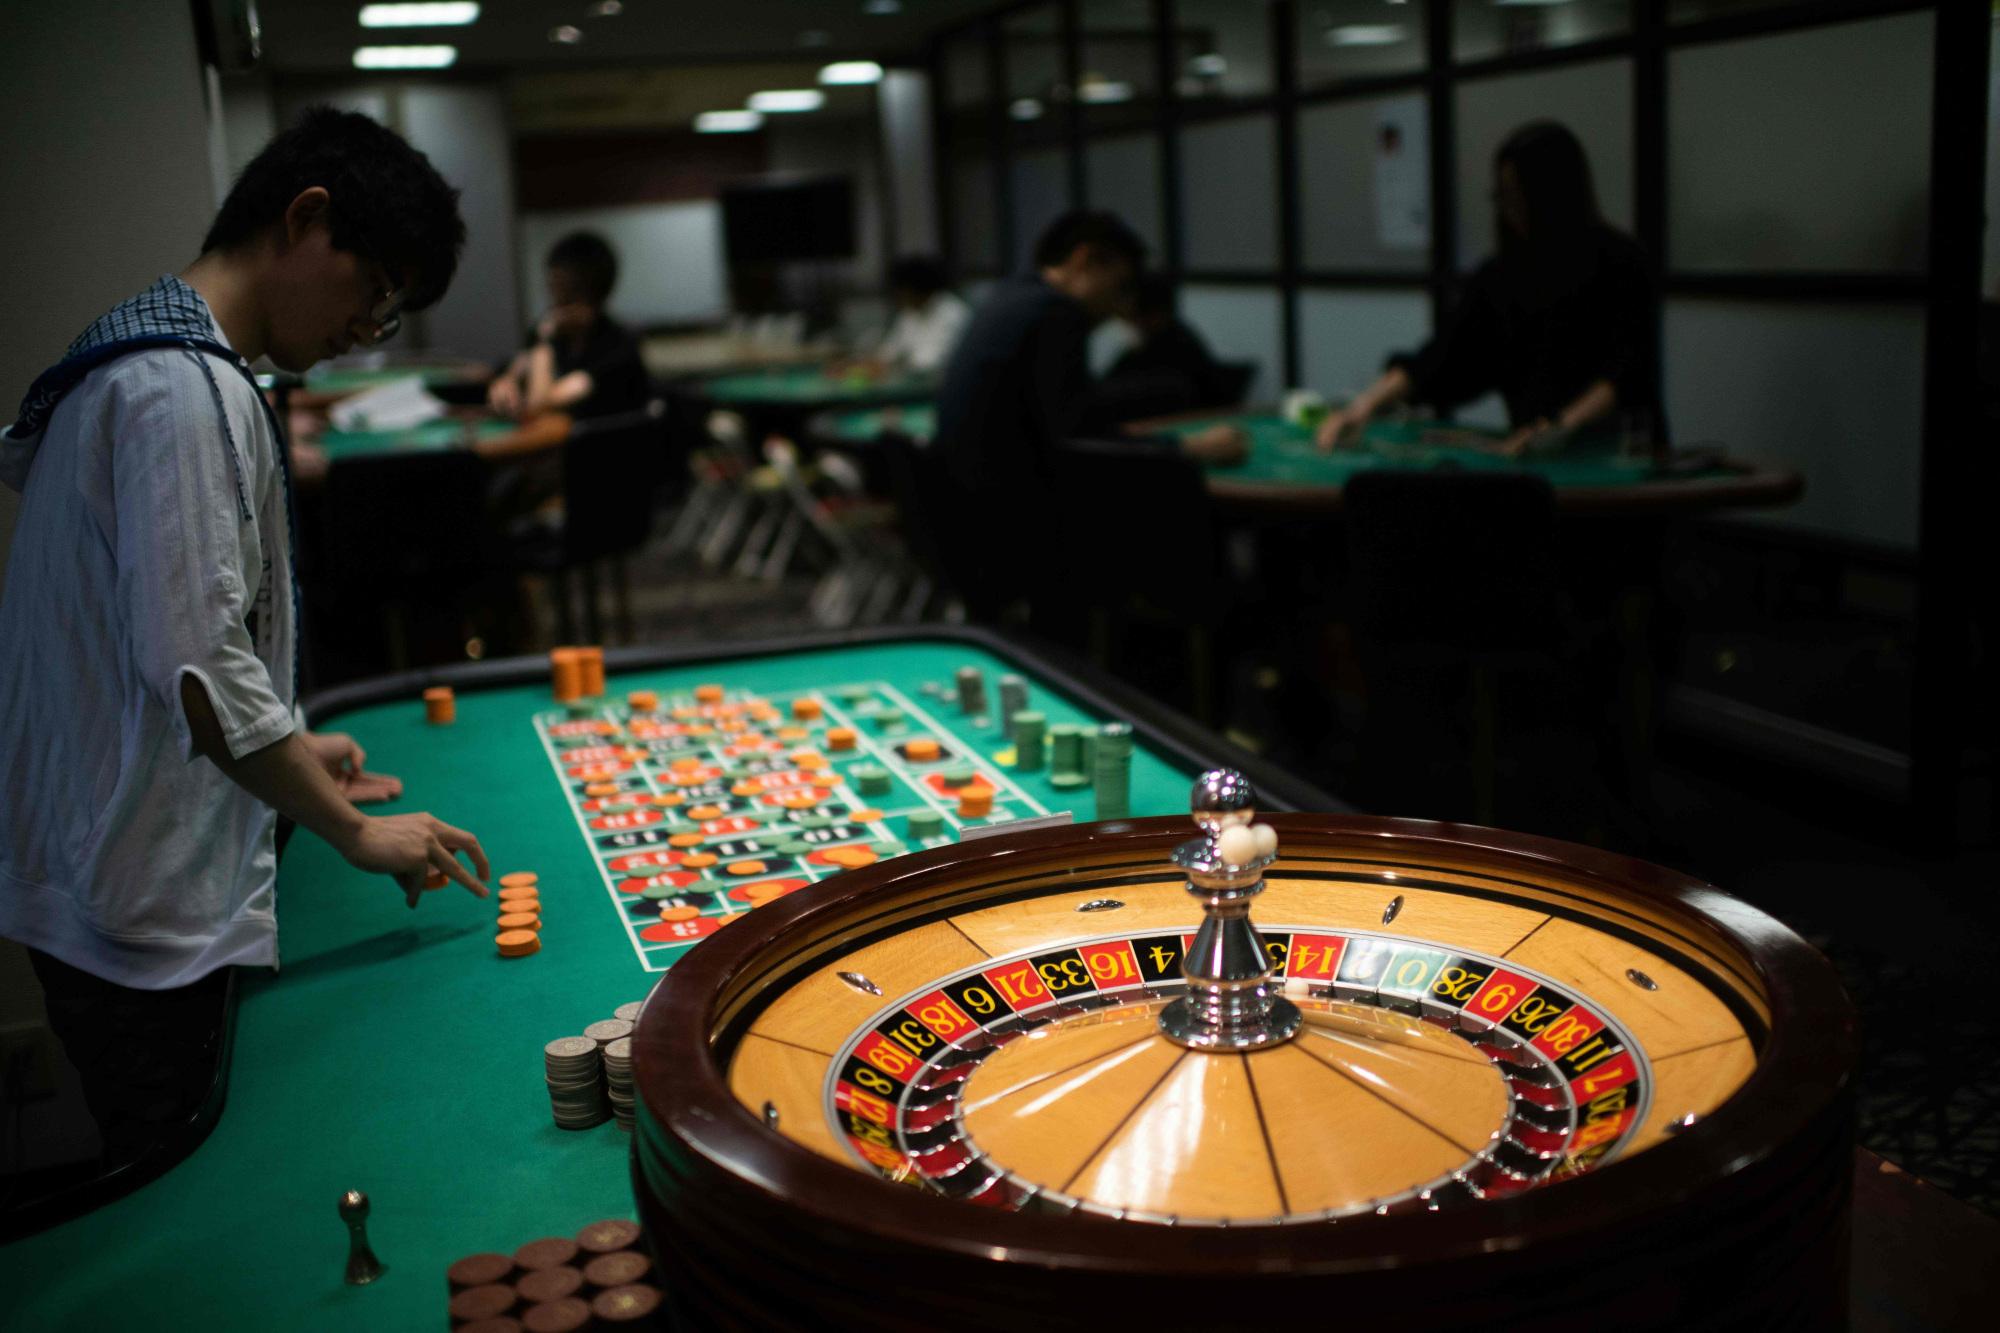 Tournoi de poker paris 2013